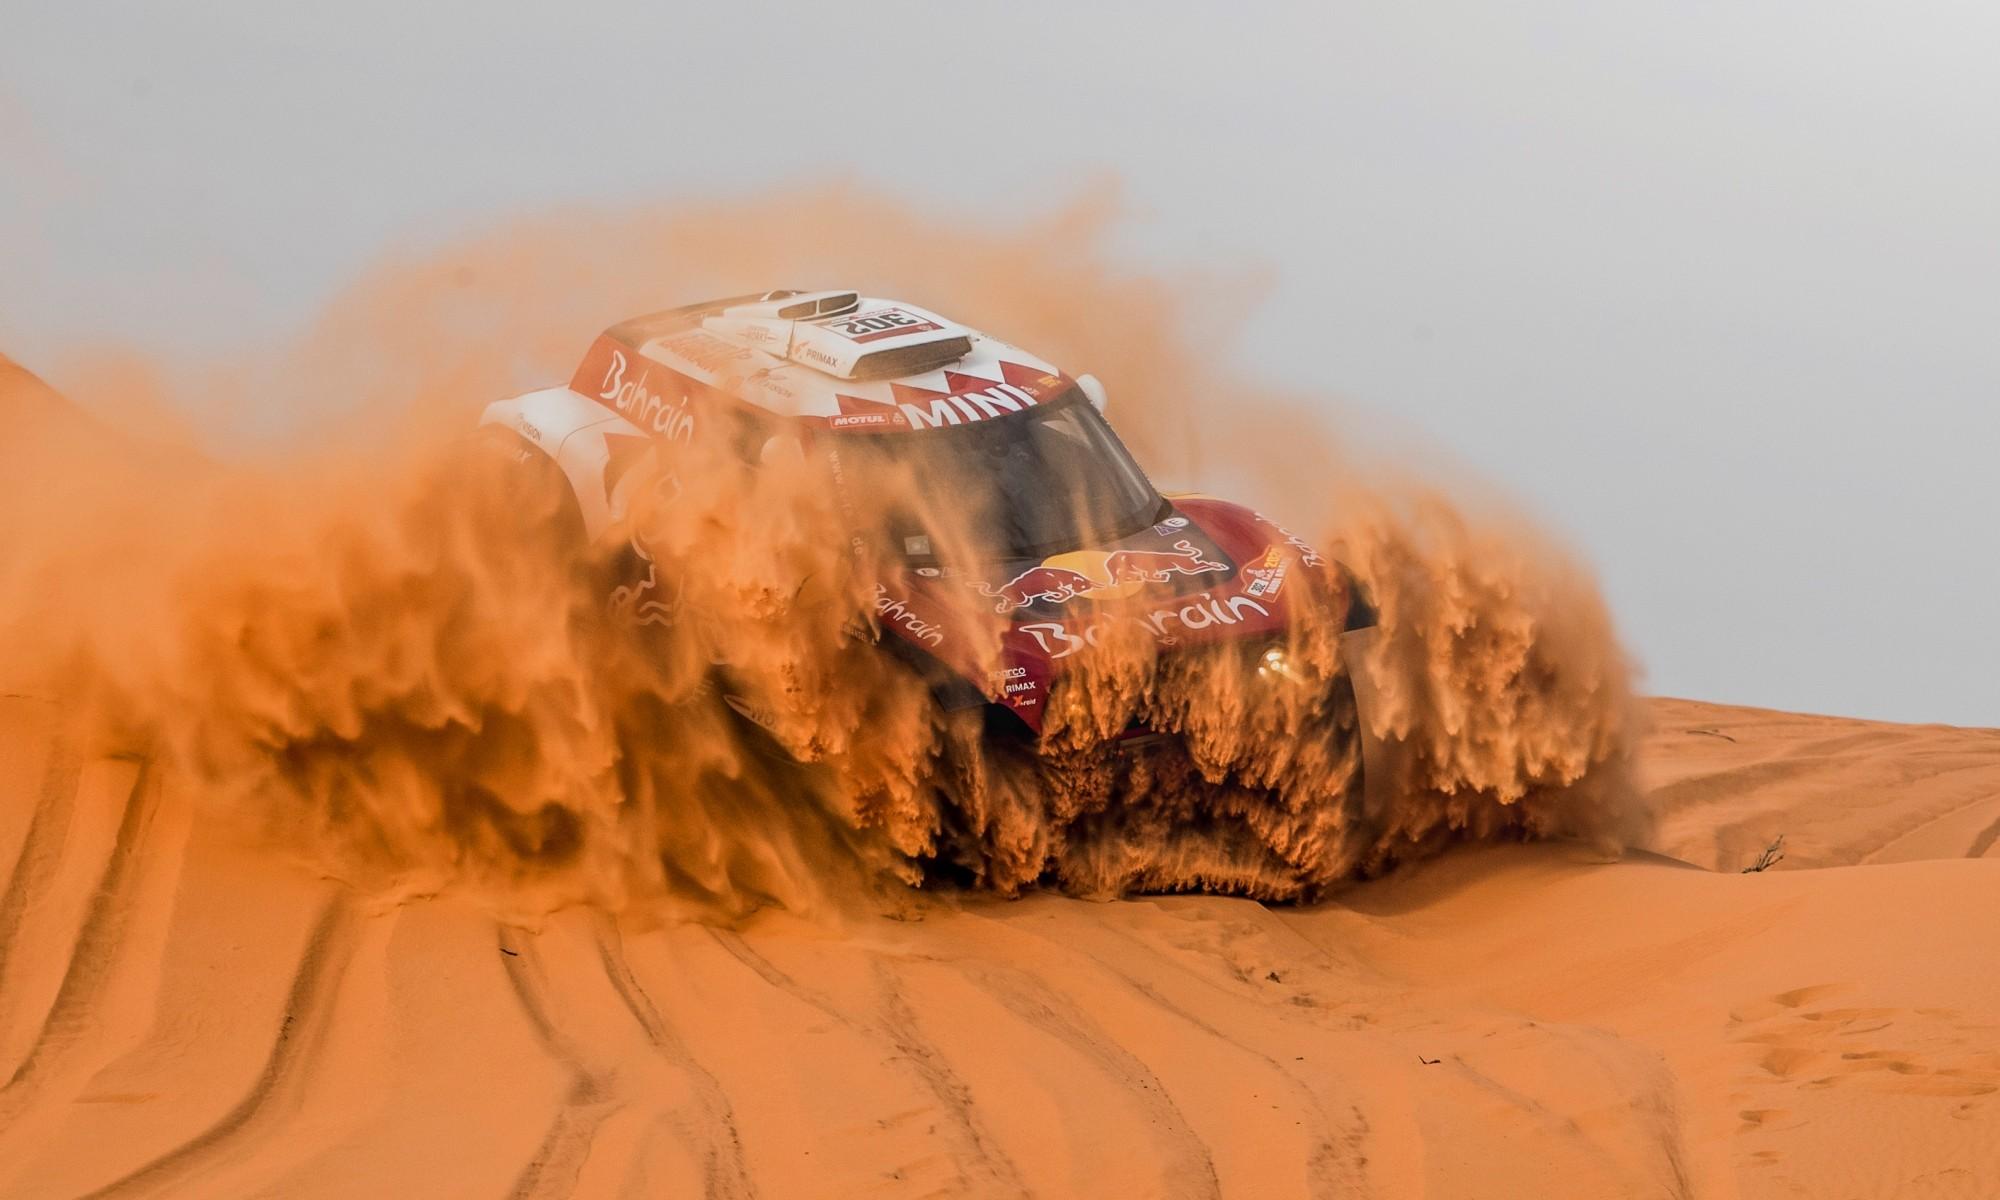 Stephane Peterhansel was quickest through 2020 Dakar Stage 6